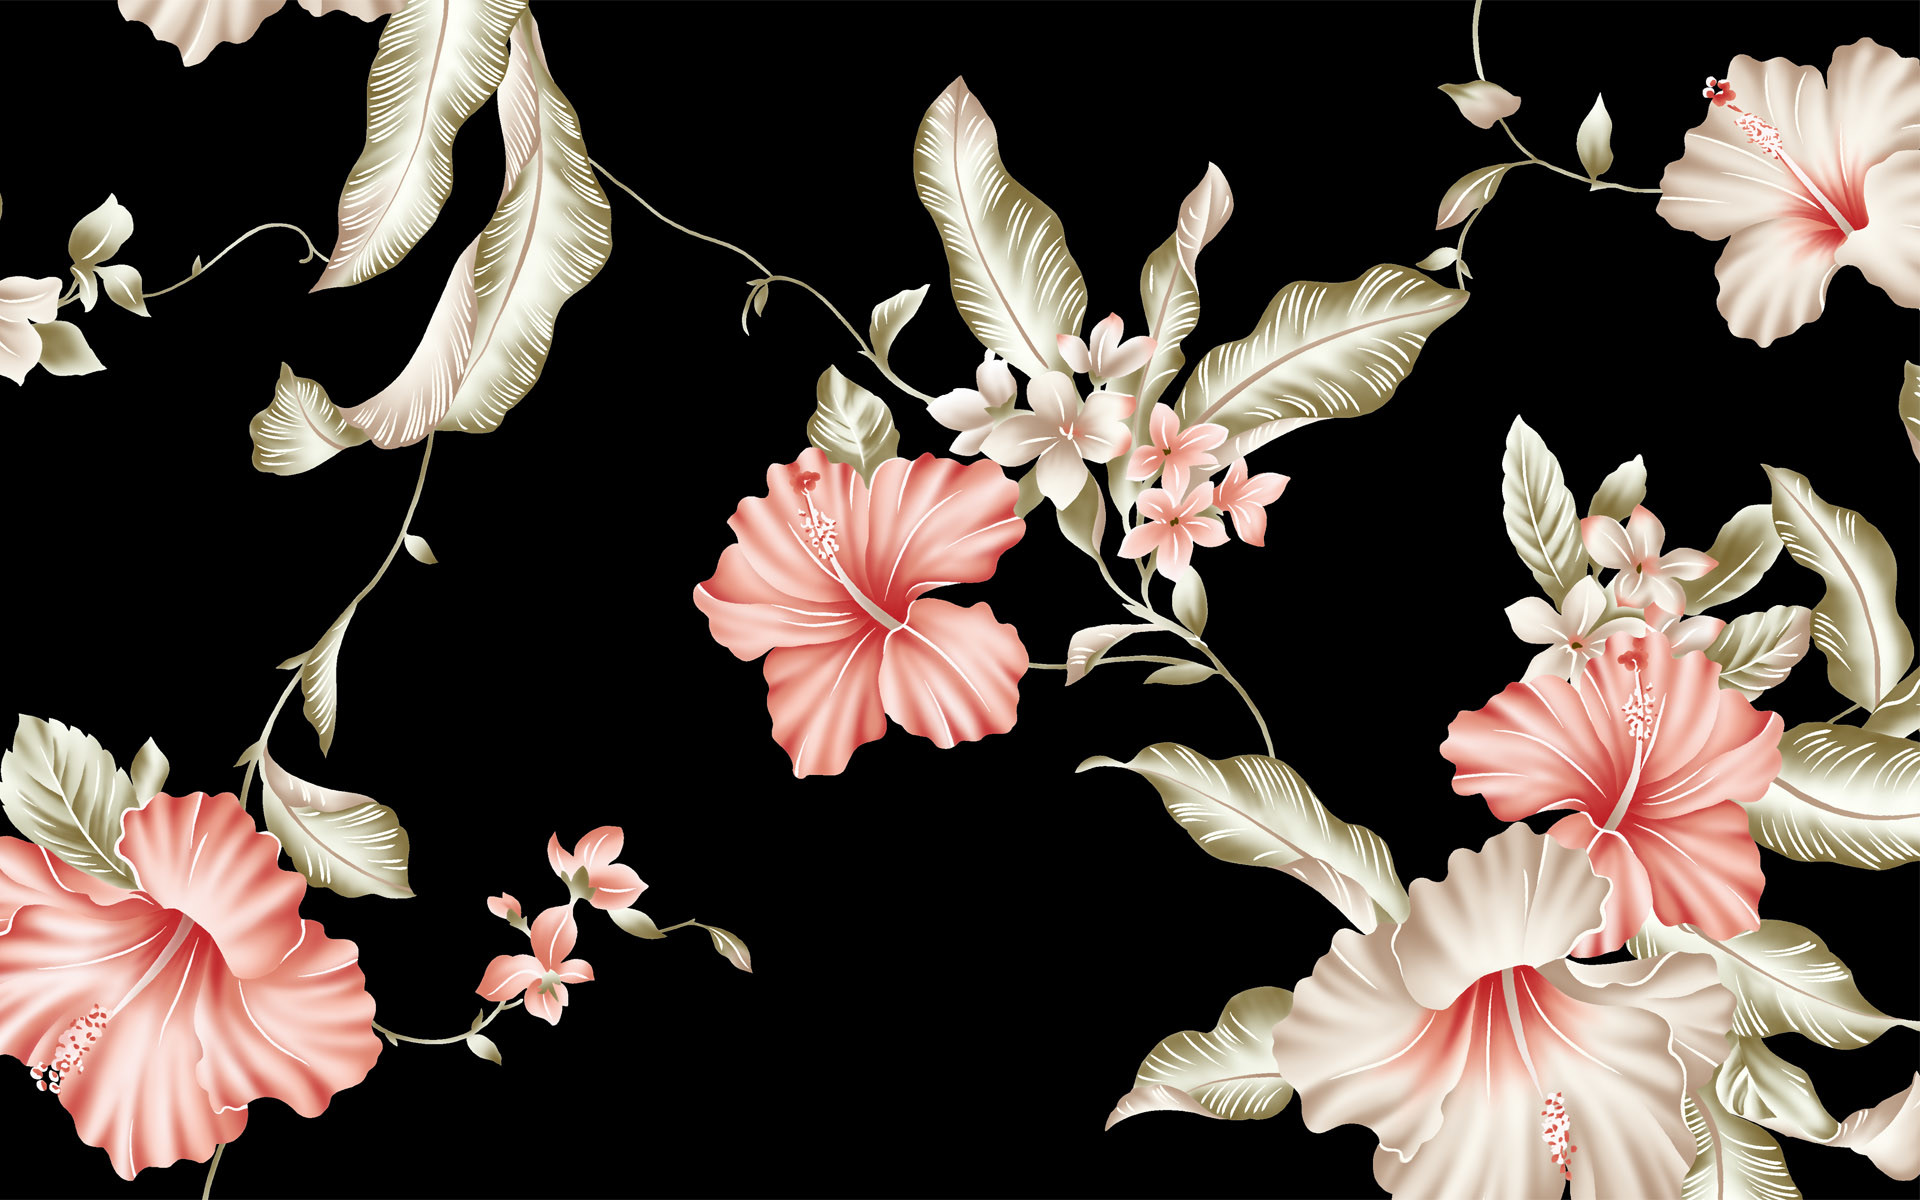 Iphone X Wallpaper Hd Nature Die 62 Besten Blumenmuster Hintergrundbilder